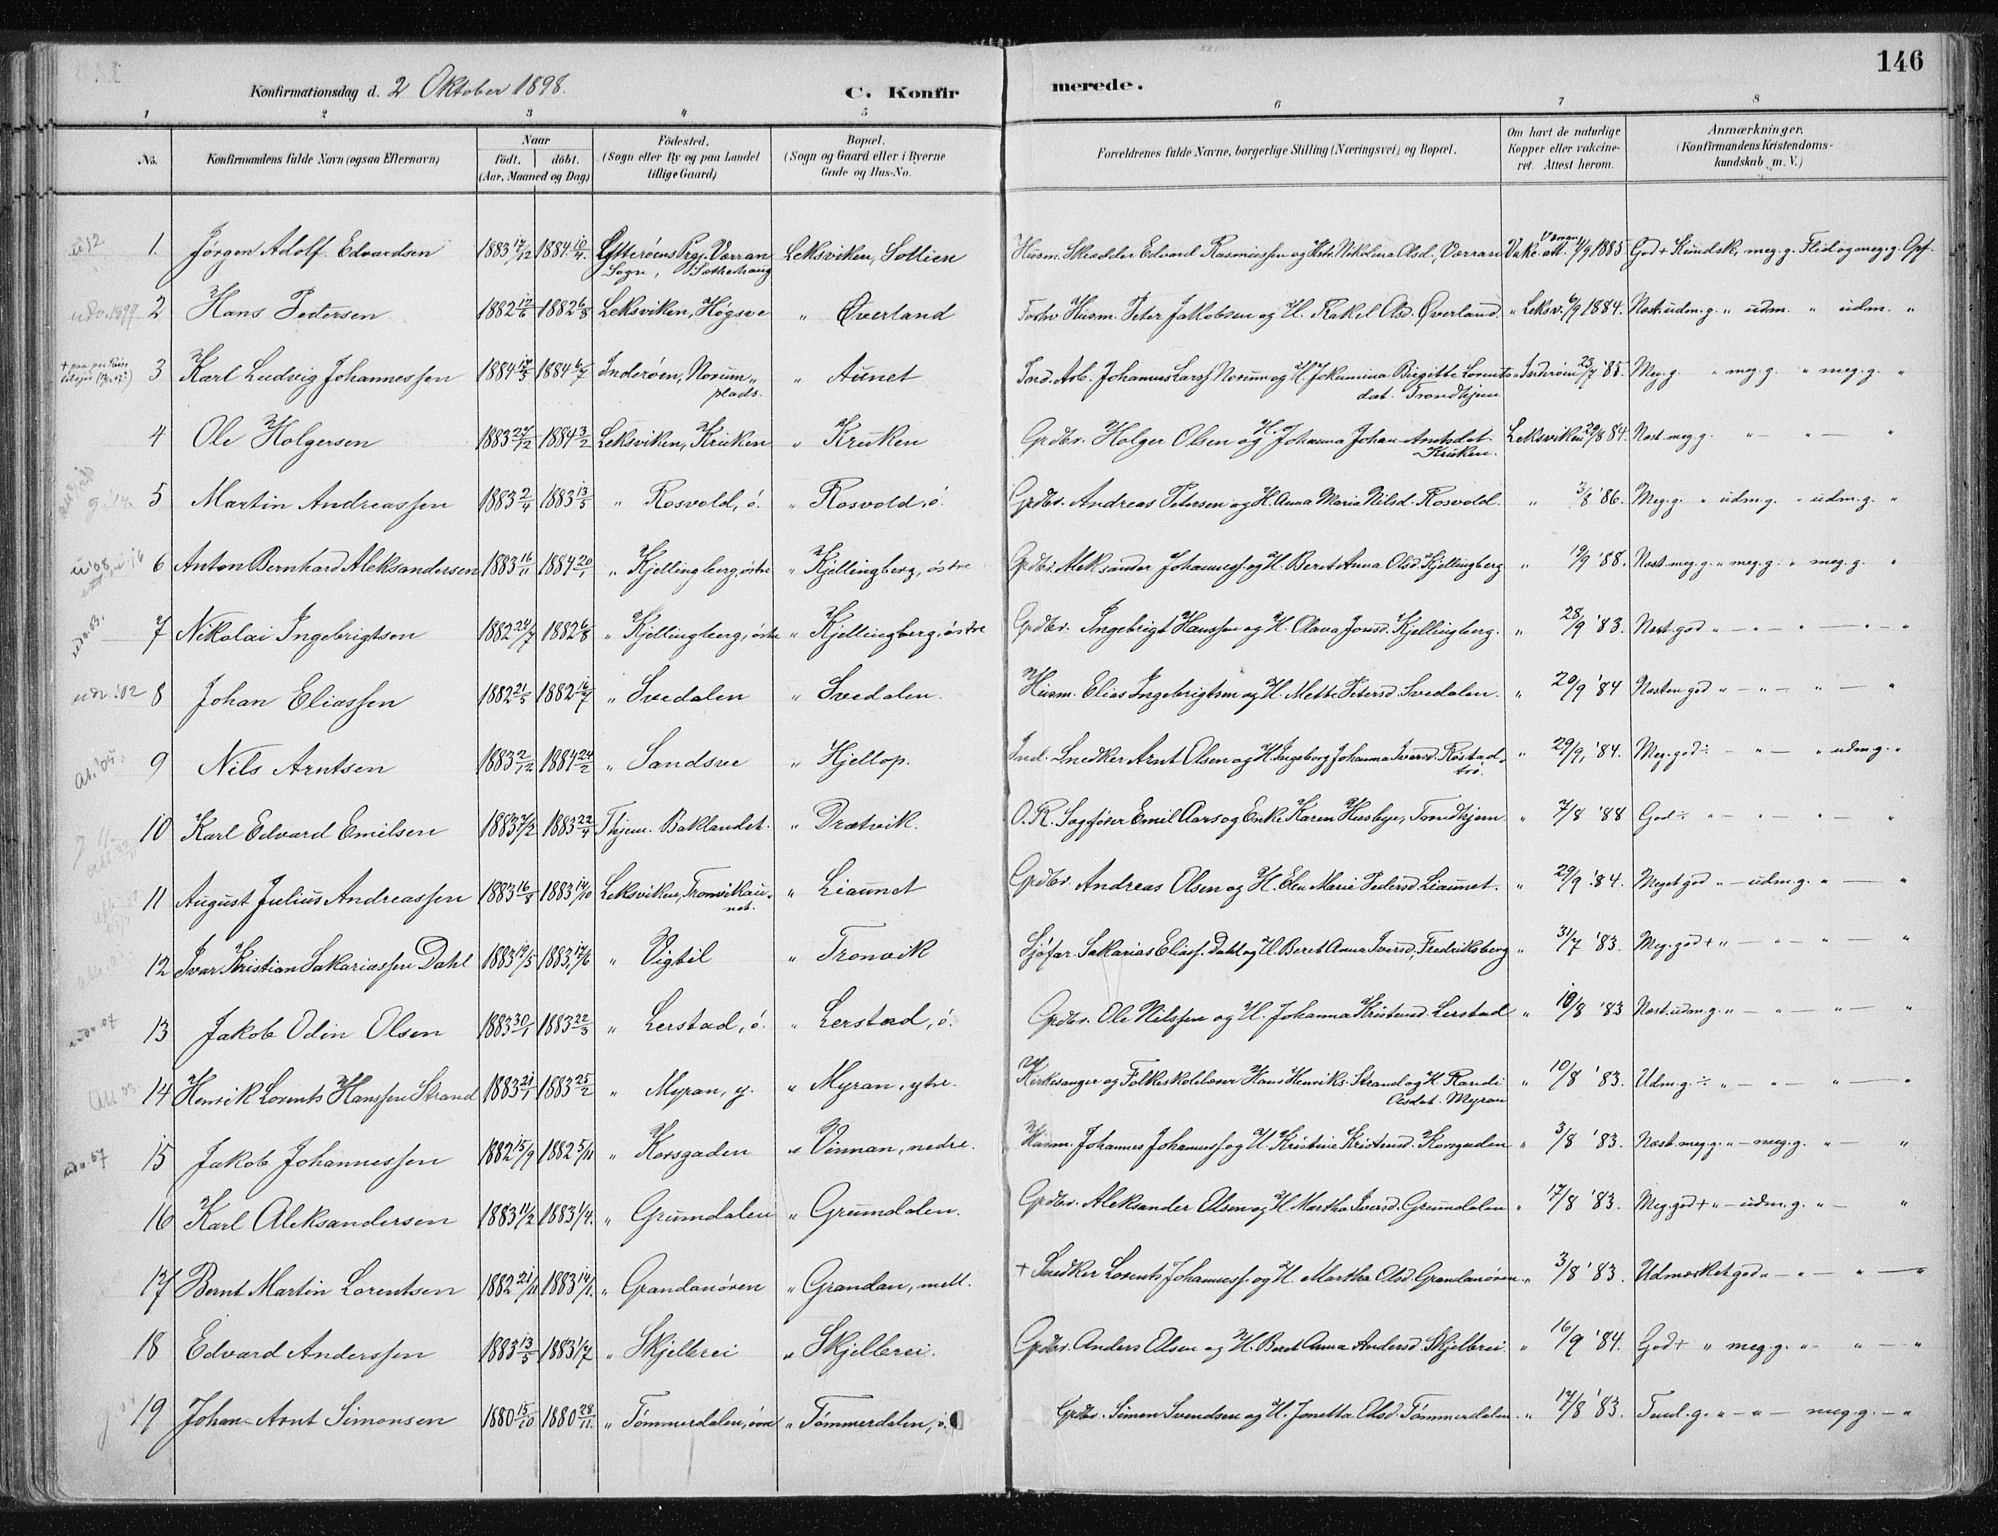 SAT, Ministerialprotokoller, klokkerbøker og fødselsregistre - Nord-Trøndelag, 701/L0010: Ministerialbok nr. 701A10, 1883-1899, s. 146